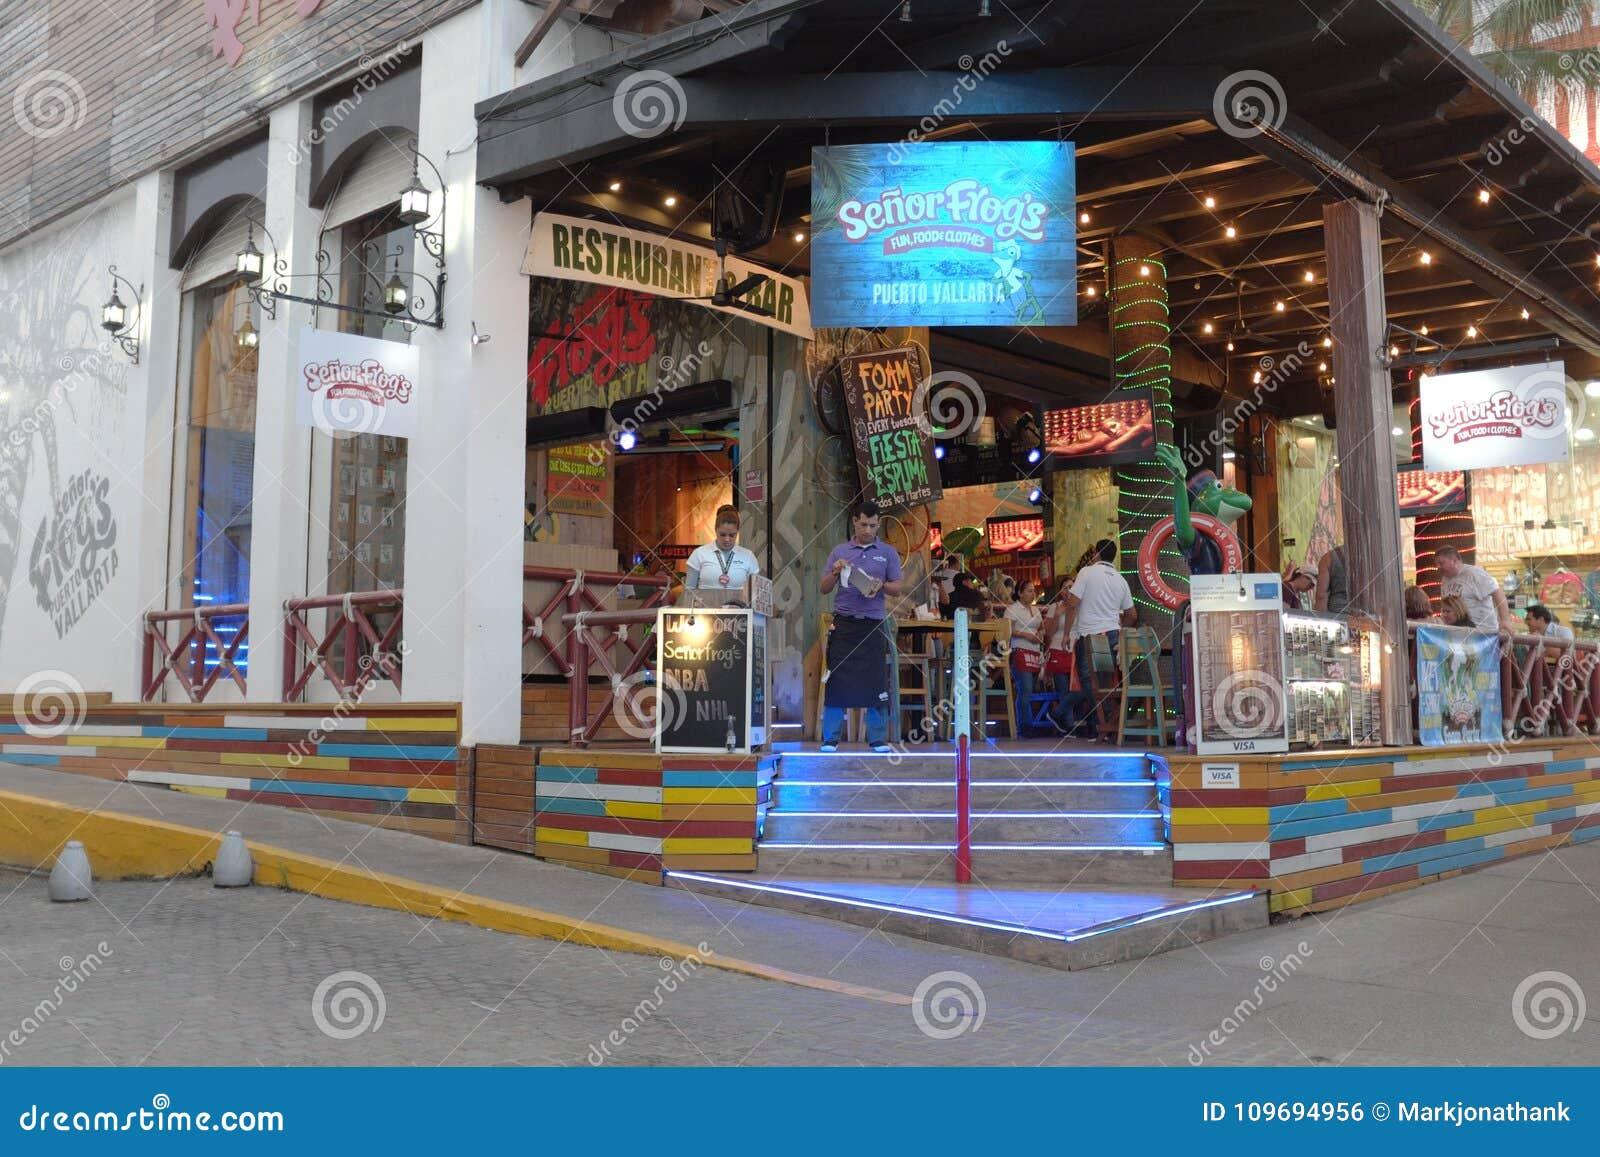 Ночной клуб лягушка клубы алабаев в москве